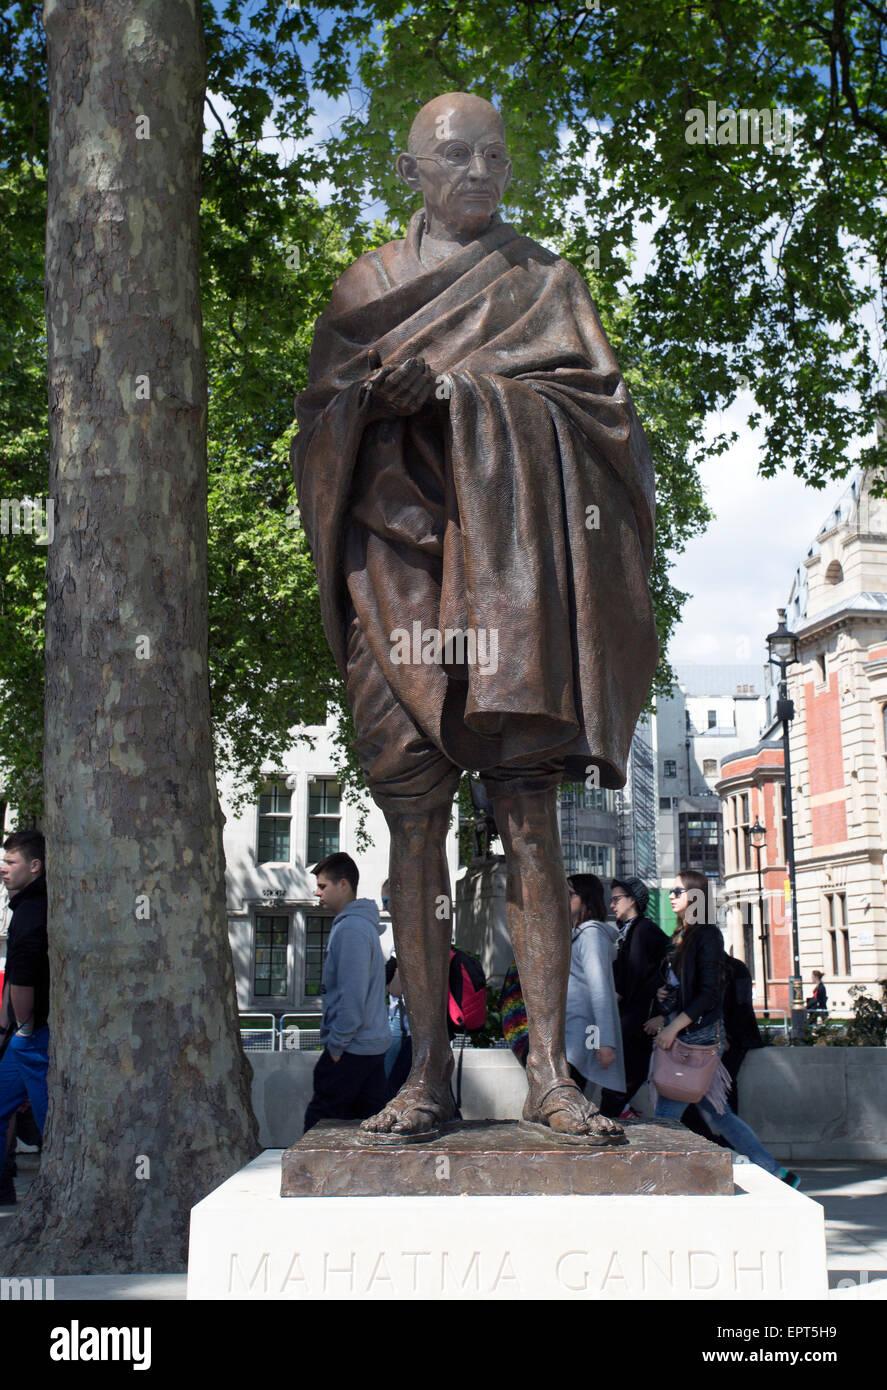 Statua del Mahatma Gandhi da lo scultore britannico Philip Jackson in piazza del Parlamento, Londra Immagini Stock